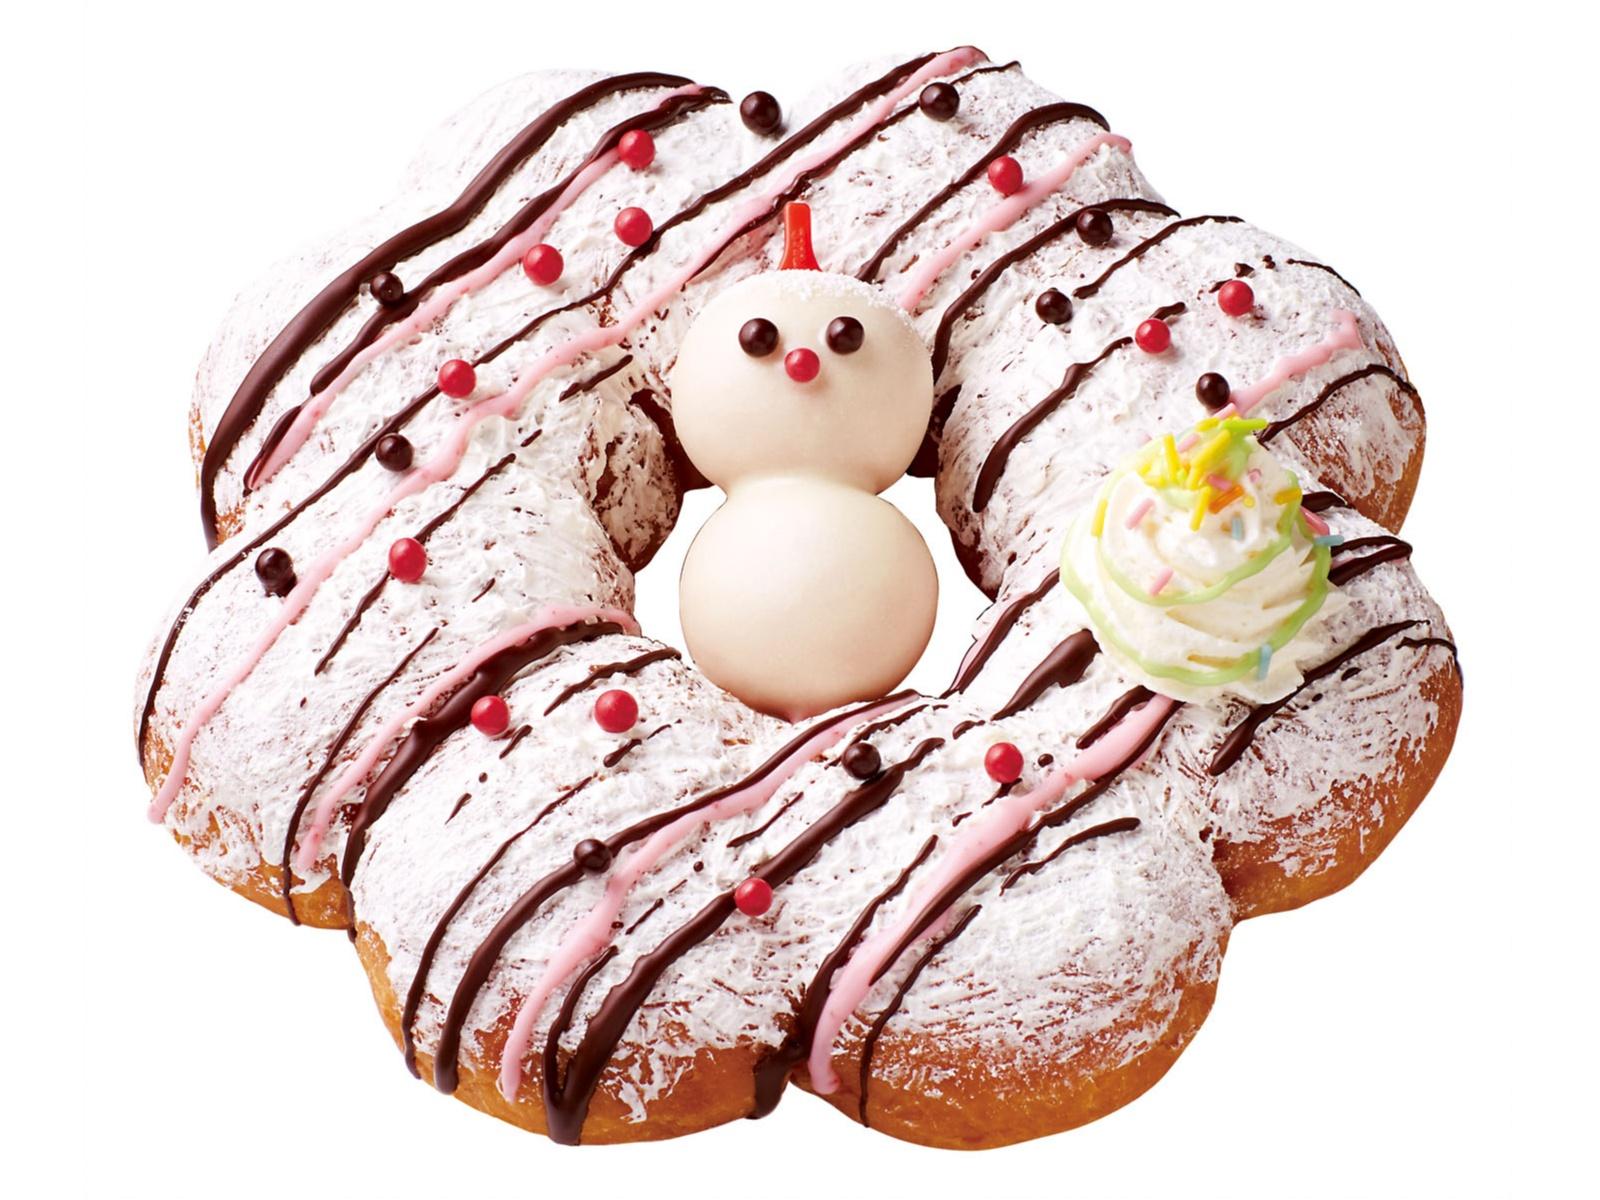 『ミスタードーナツ』でスヌーピーなスペシャルクリスマスはいかが?♡_1